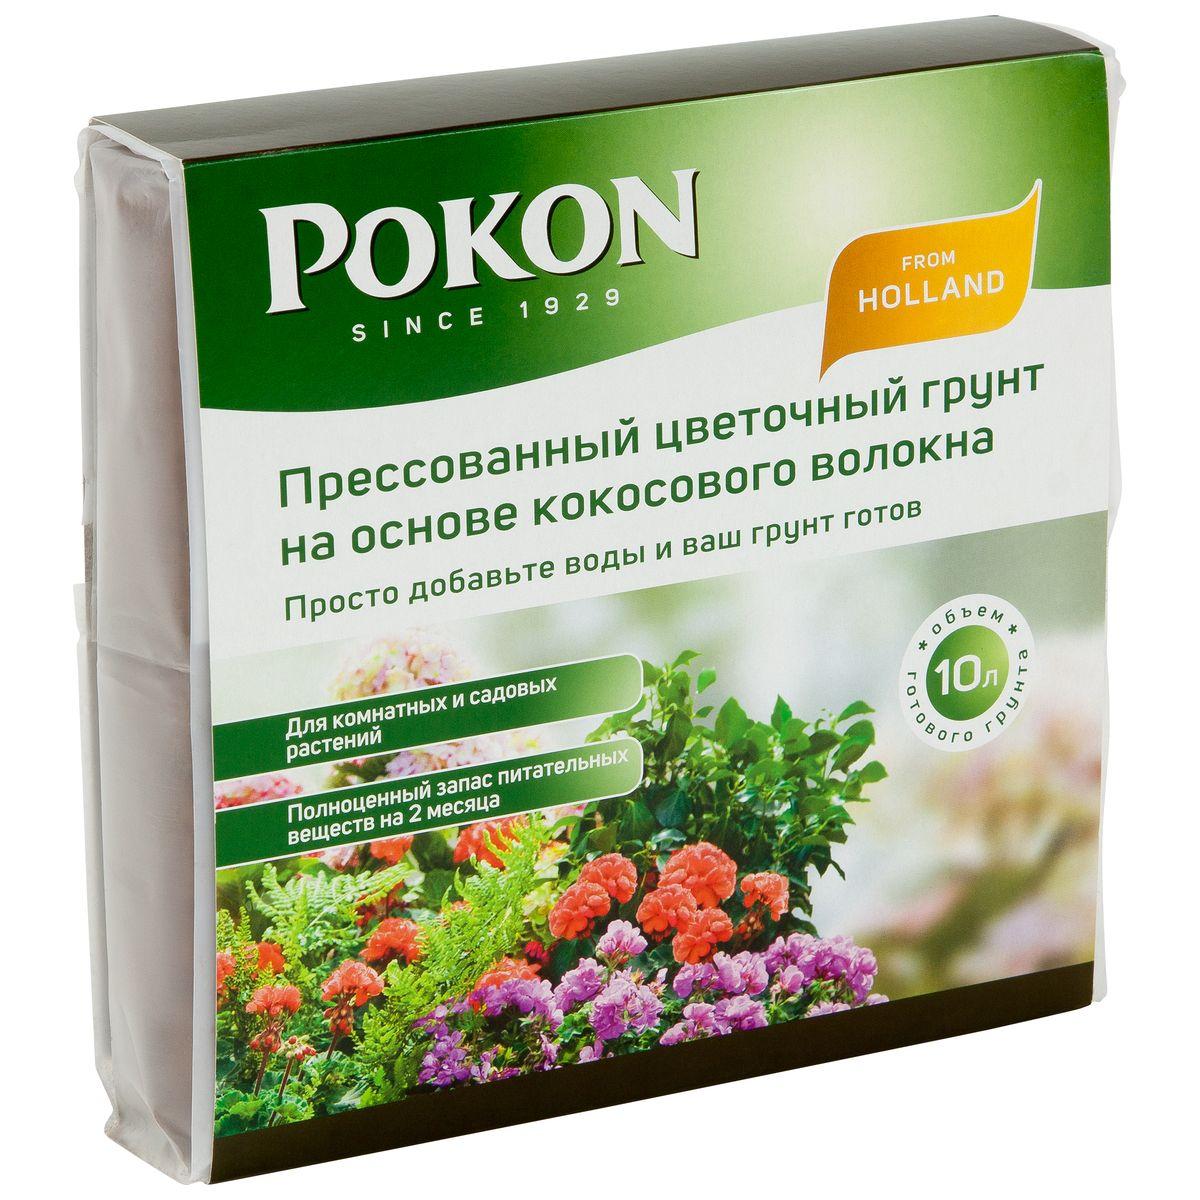 Прессованный цветочный грунт Pokon на основе кокосового волокна, 650 г531-402Прессованный цветочный грунт Pokon на основе кокосового волокна:Горшечный грунт Pokon состоит из кокосового волокна. Это на 100% натуральная, экологически чистая прессованная смесь с запасом питательных веществ для горшечных растений на 2 месяца. В грунте нет никаких сорняков. Он идеален для горшечных растений. Пористая структура кокосового волокна, хорошо пропускающая воздух, позволяет корням быстро развиваться, а ваши руки всегда остаются чистыми.Инструкция по применению- Откройте упаковку, добавьте 3 л воды.- Через несколько минут грунт готов к использованию.- Положите на дно горшка слой гидрогранул Pokon.- Поверх гидрогранул насыпьте слой грунта.- Посадите растение в горшок, предварительно увлажнив корни, если они высохли.- Досыпьте грунт, оставив для полива не менее 2 см до верха горшка.- Слегка утрамбуйте грунт.- Обильно полейте.Состав:Размягчаемая в воде прессованная масса из компостированного волокна мягких частей скорлупы кокоса c добавлением удобрения (NPK 20 + 20 + 20).Грунт соответствует нормам ЕС.